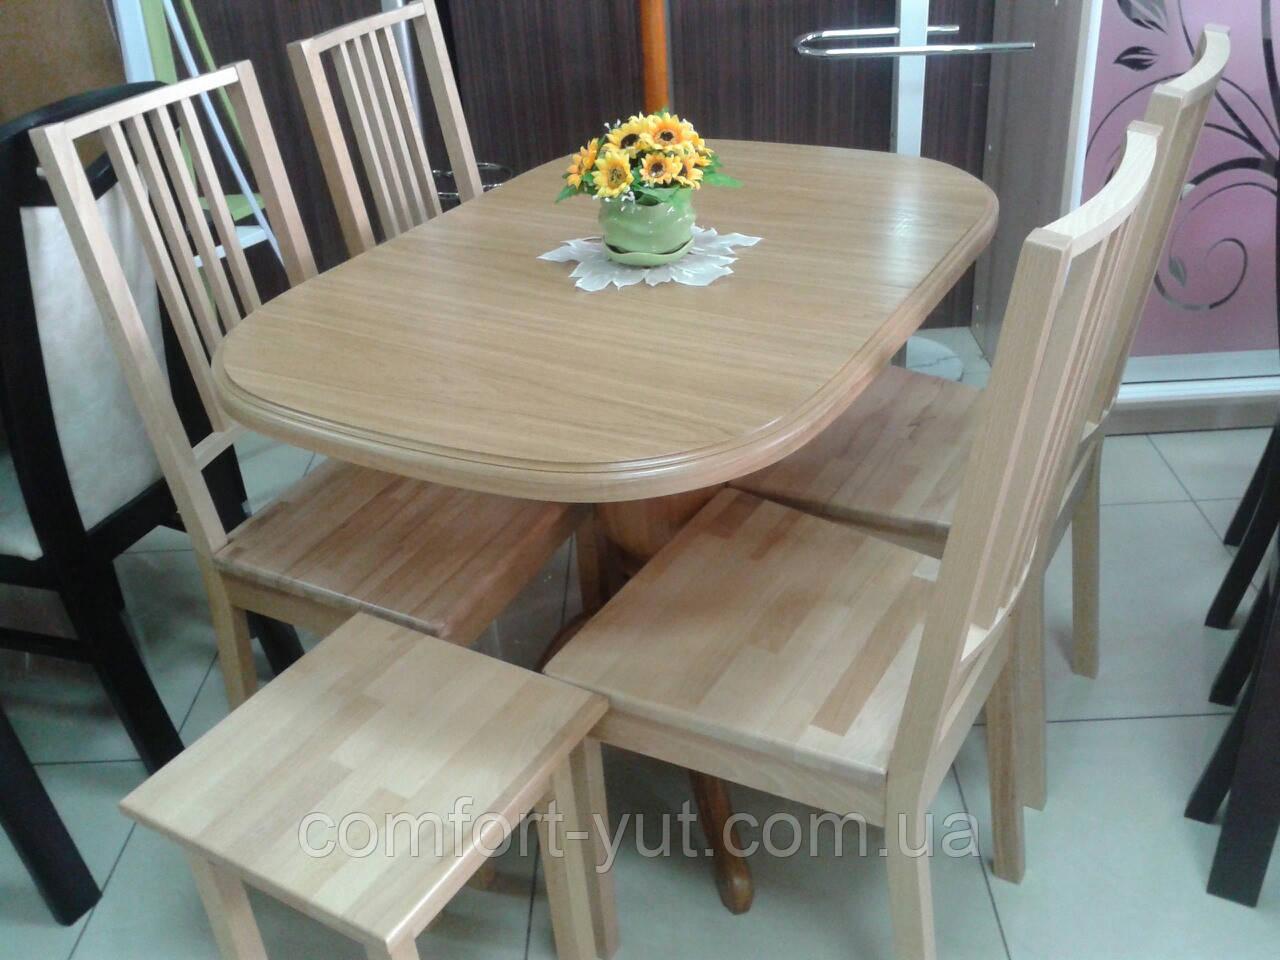 Стол Эмиль обеденный раскладной деревянный 105(+38)*74 венге - фото 7